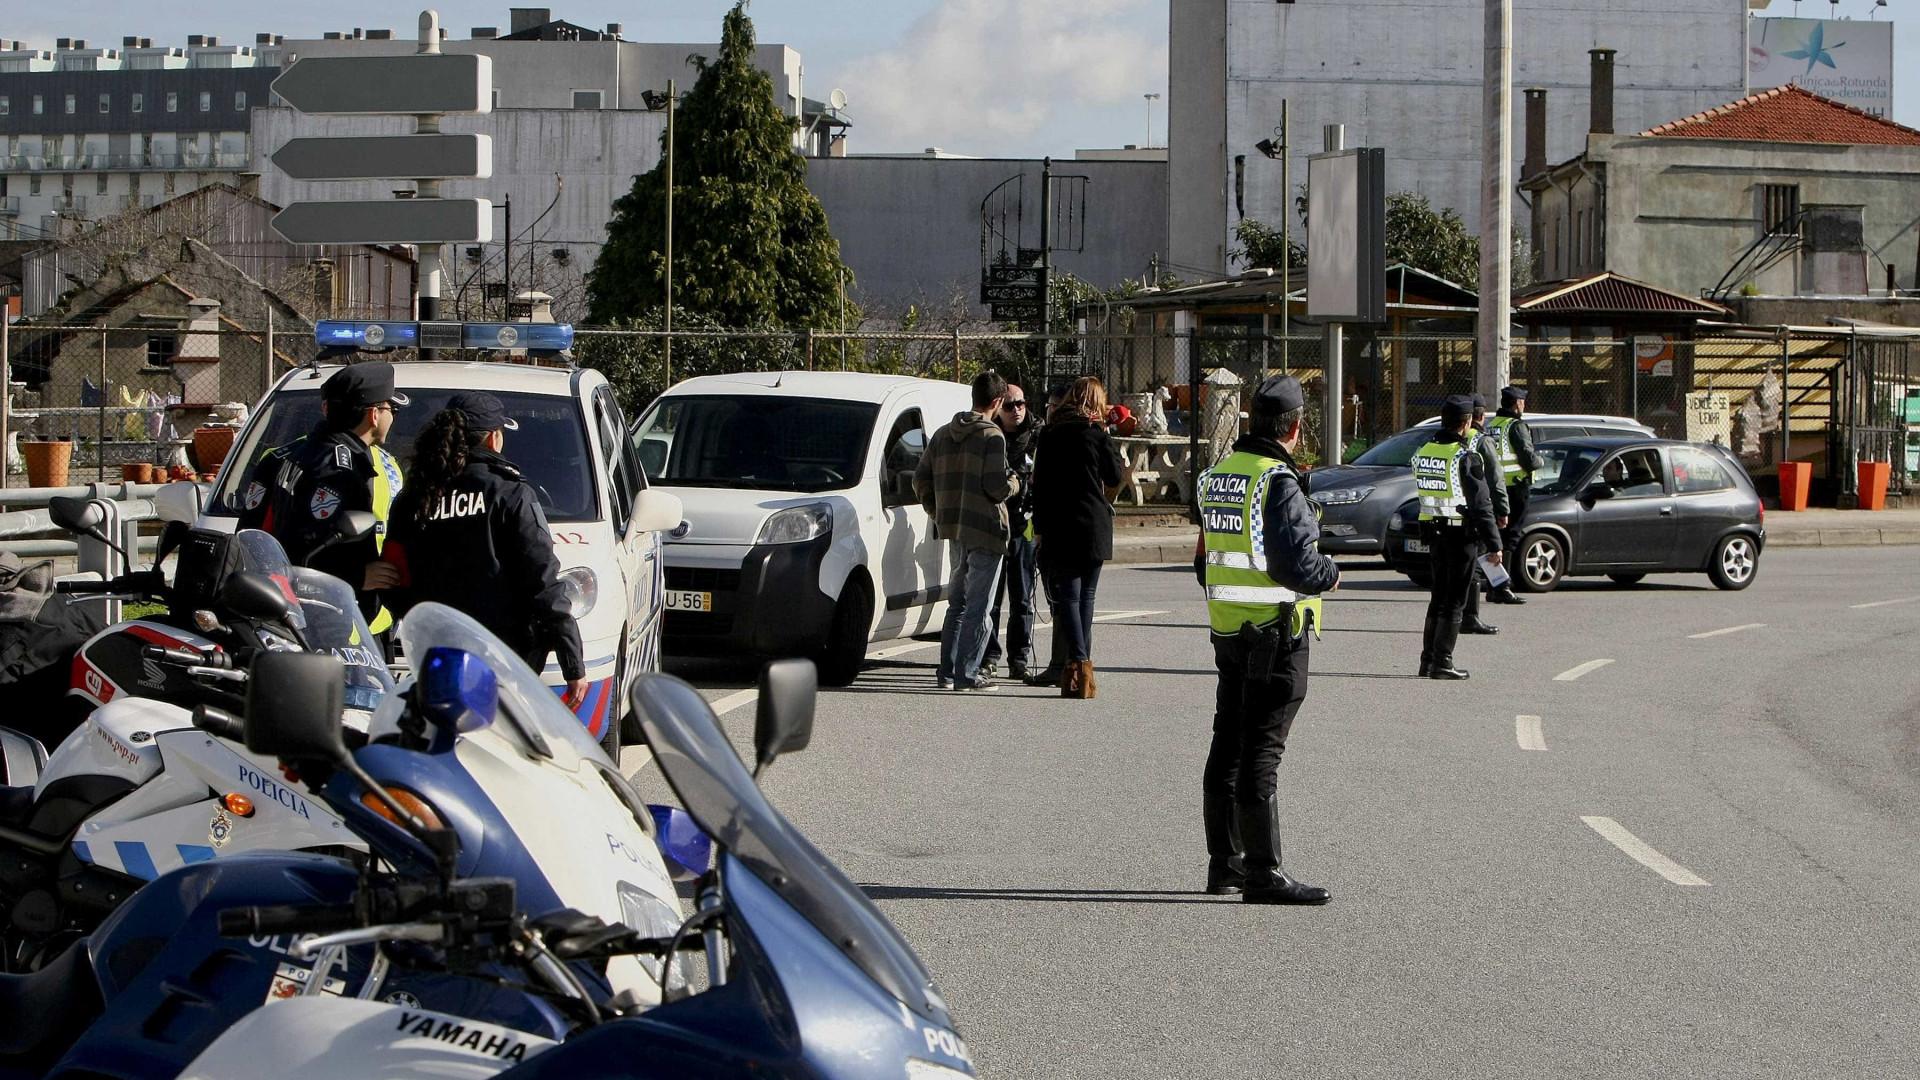 PSP de Lisboa deteve 30 pessoas desde sexta-feira Naom_57e66a1545520